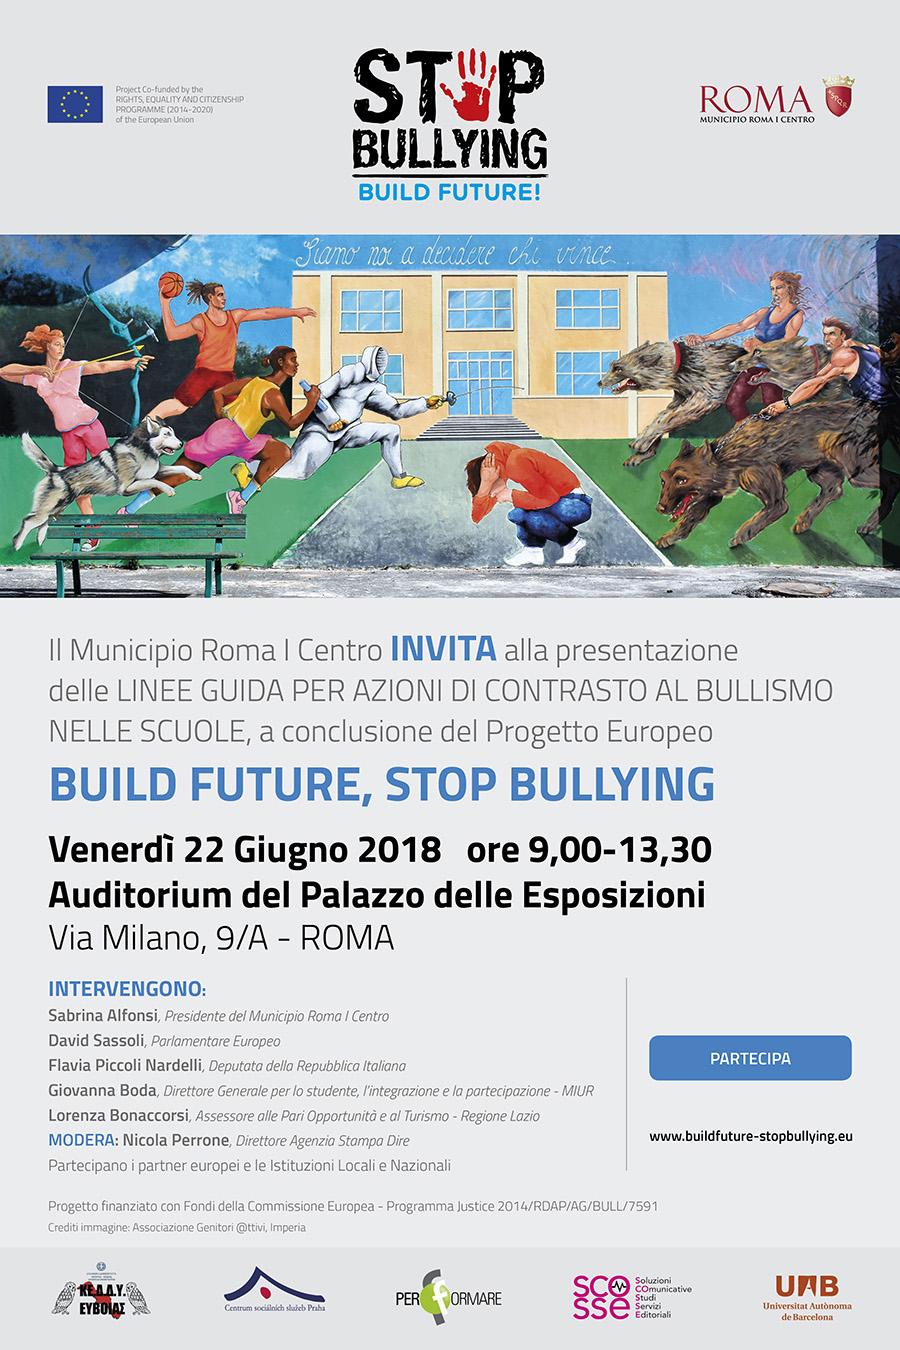 BUILD FUTURE, STOP BULLYING - 22 Giugno 2018 - ore 9,00-13,30 - Auditorium del Palazzo delle Esposizioni - Via Milano, 9/A – Roma